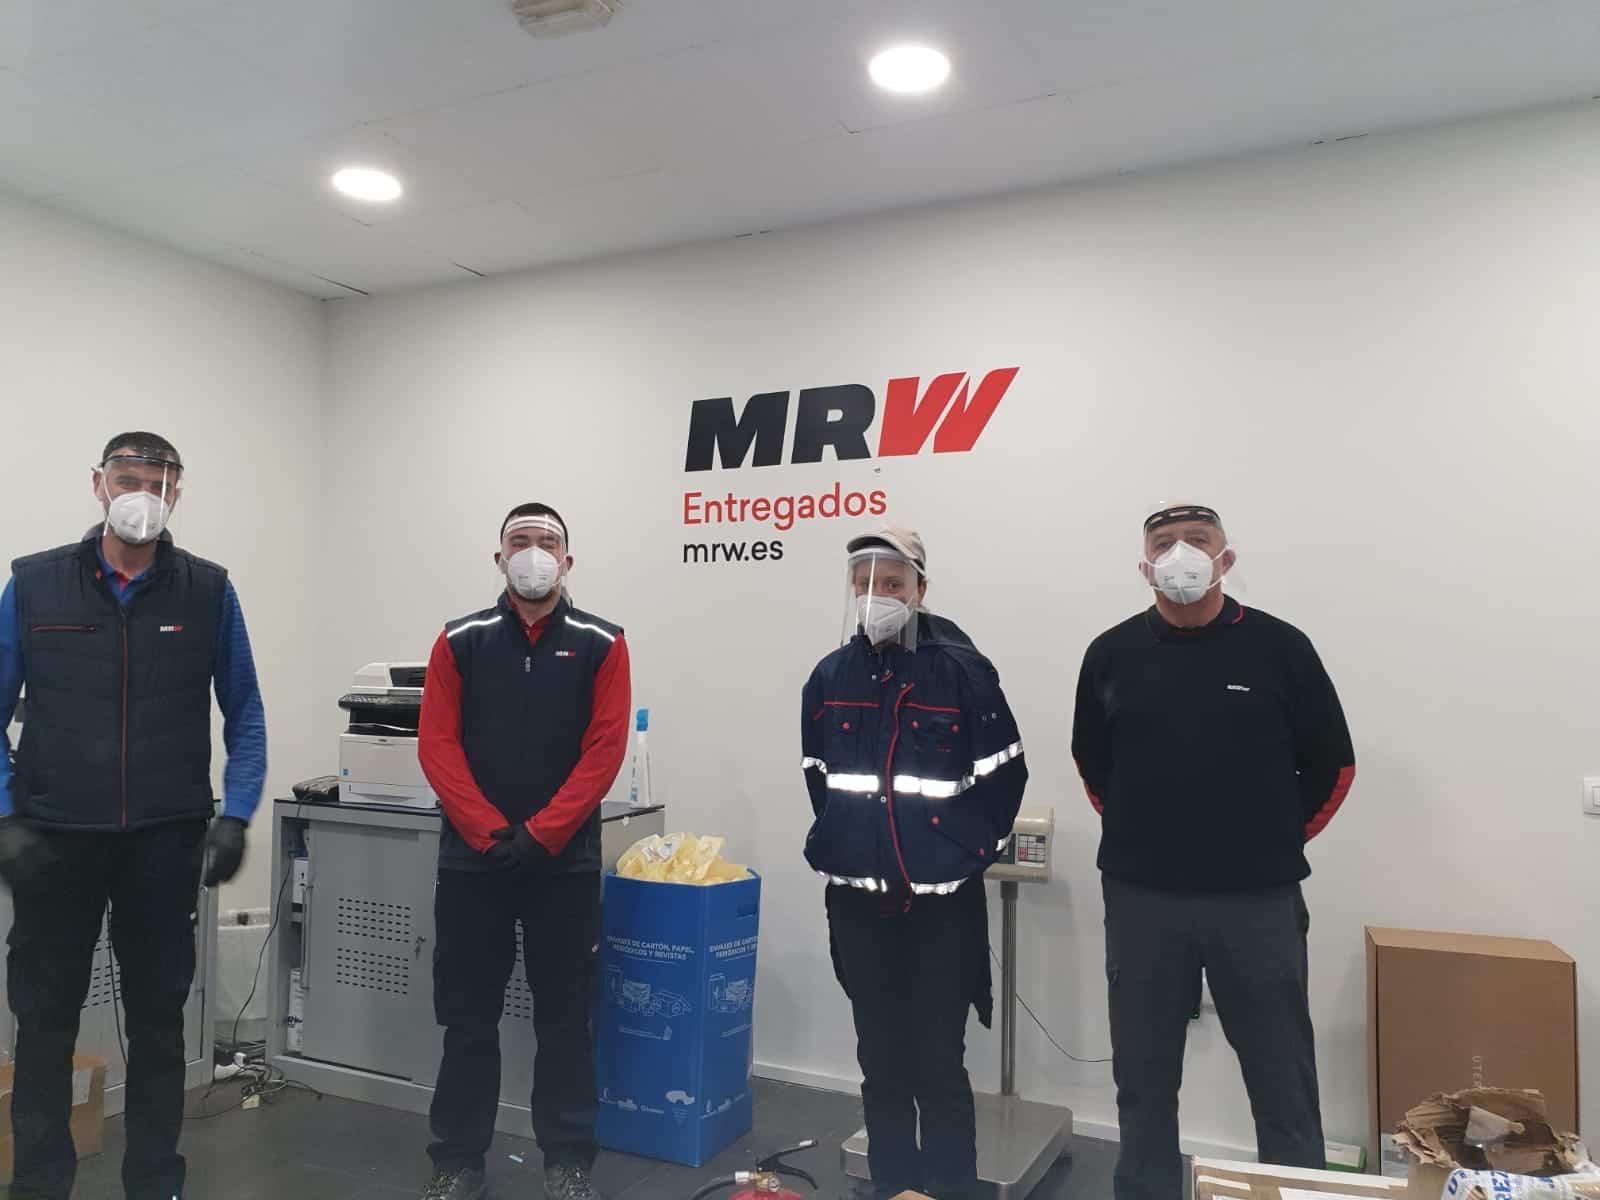 MRW - Ánthropos sigue atendiendo necesidades del hospital y residencias